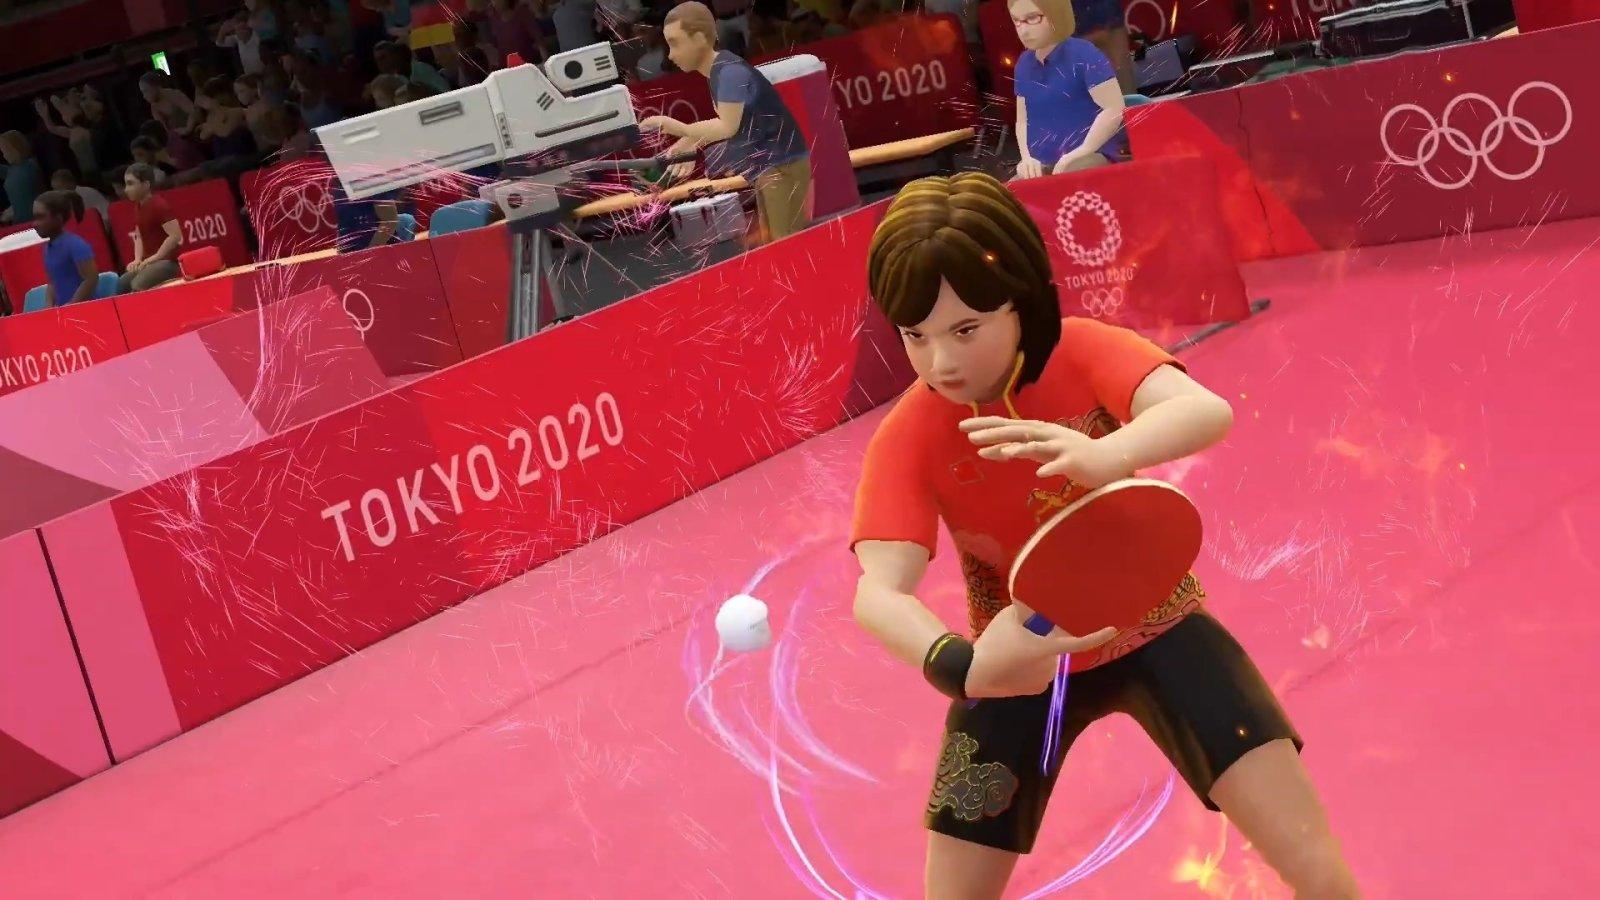 世嘉公开《东京2020奥运会》游戏,7月发售